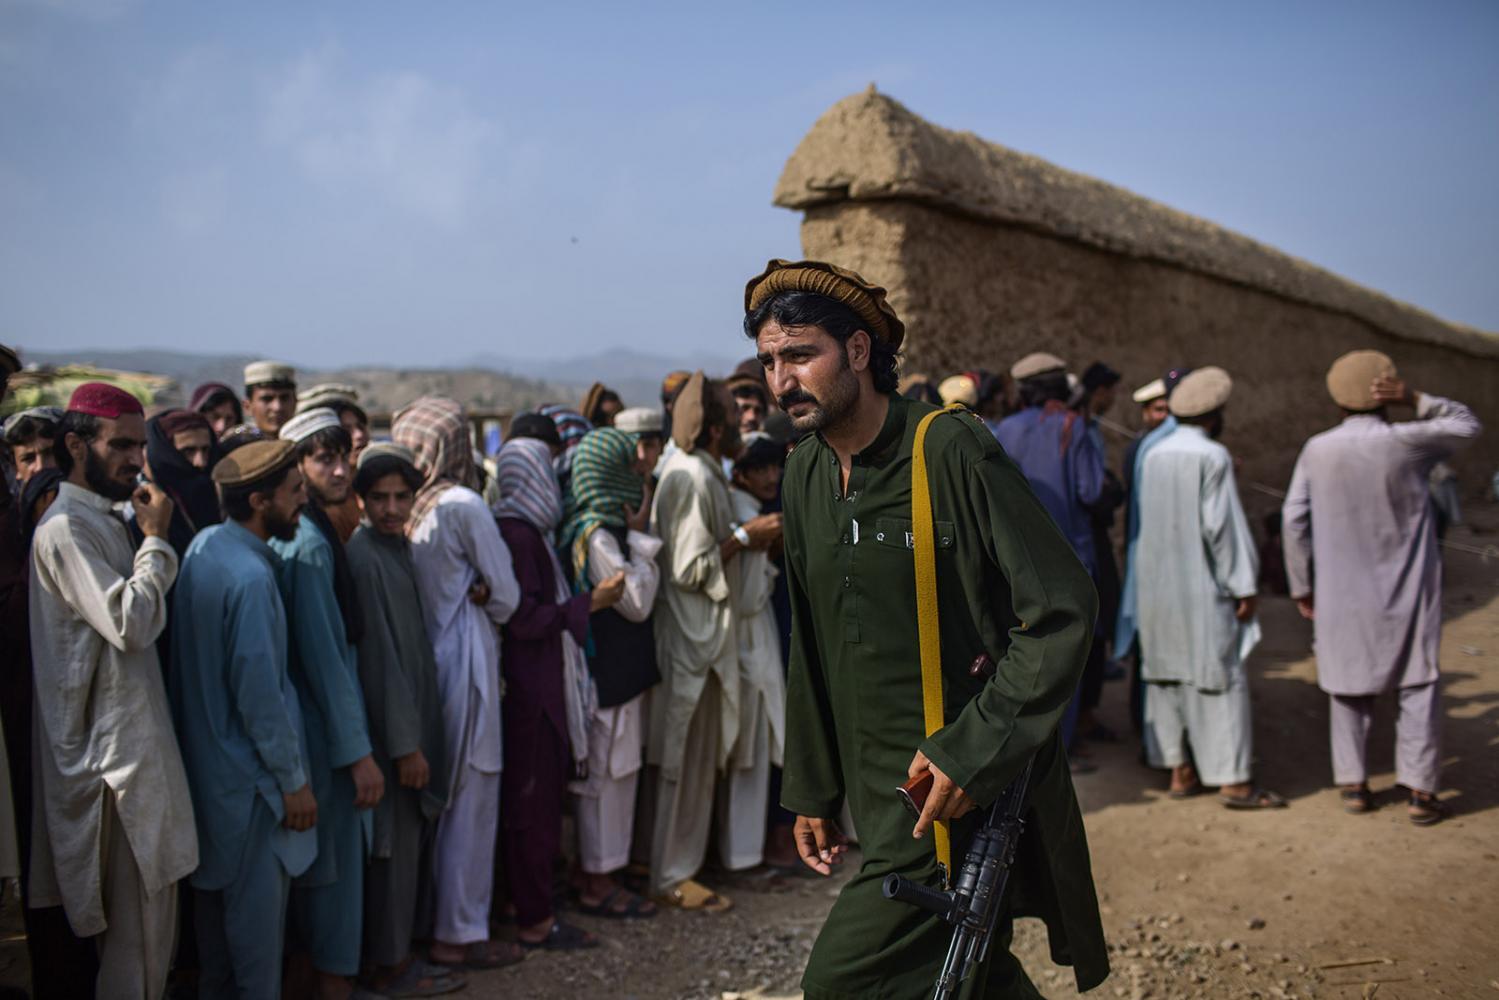 Photography image - Loading Khost-Afg-NYT-03.jpg